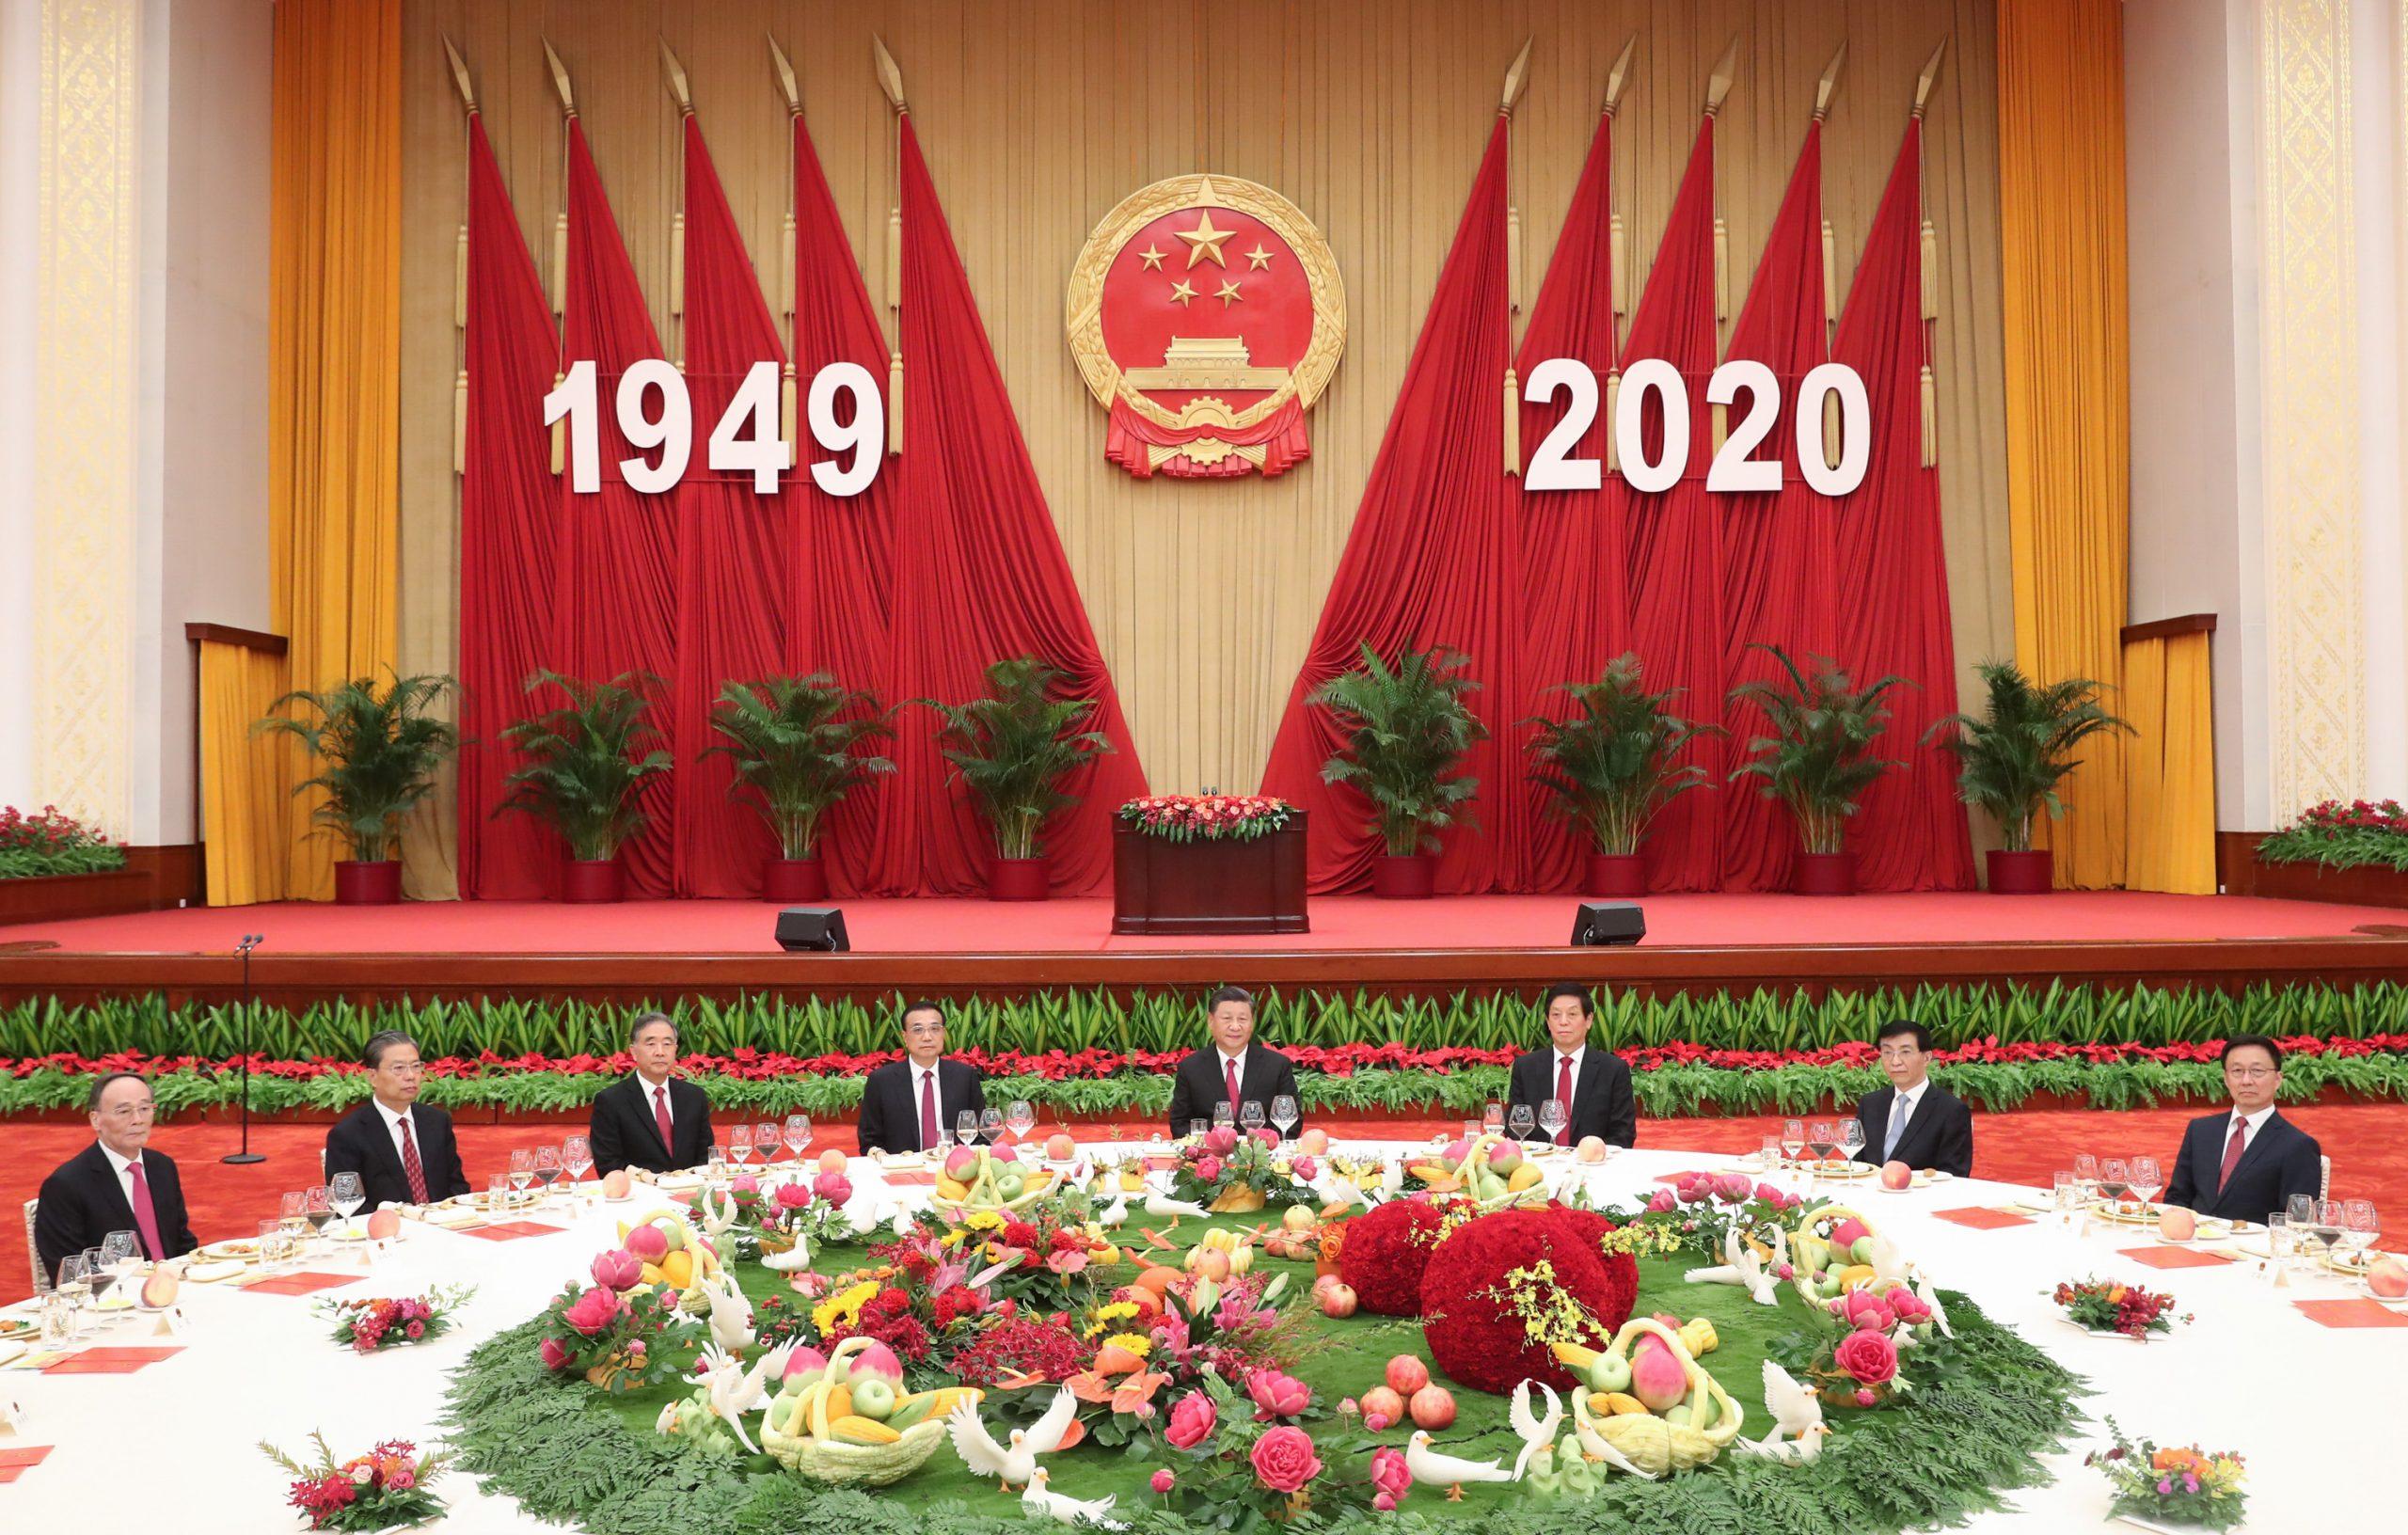 Consejo de Estado de China realiza recepción con motivo de Día Nacional